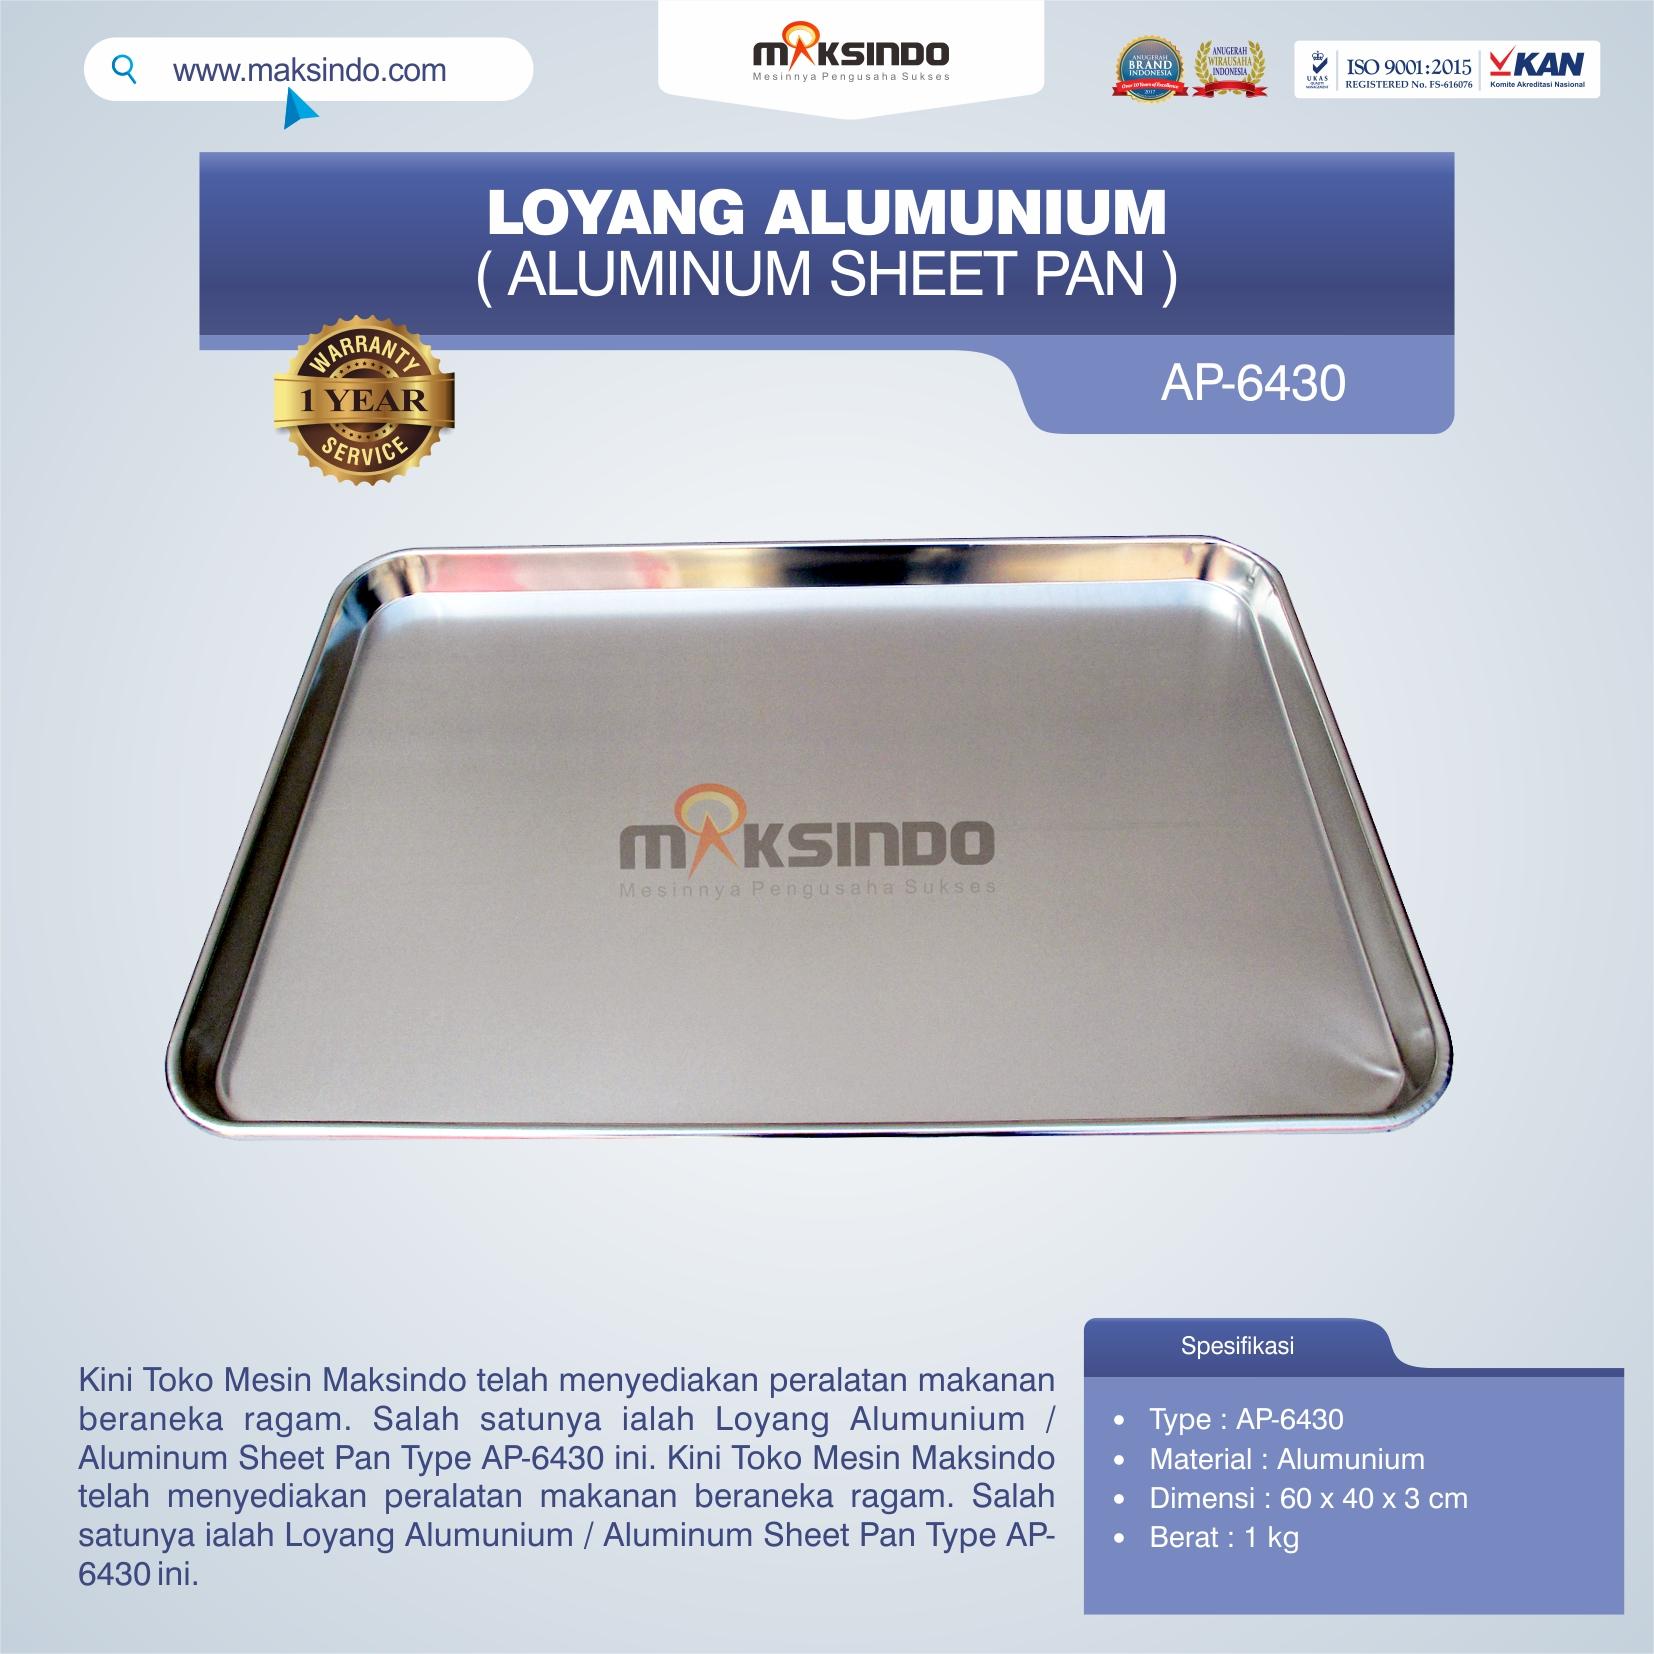 Jual Loyang Alumunium / Aluminum Sheet Pan Type AP-6430 di Blitar